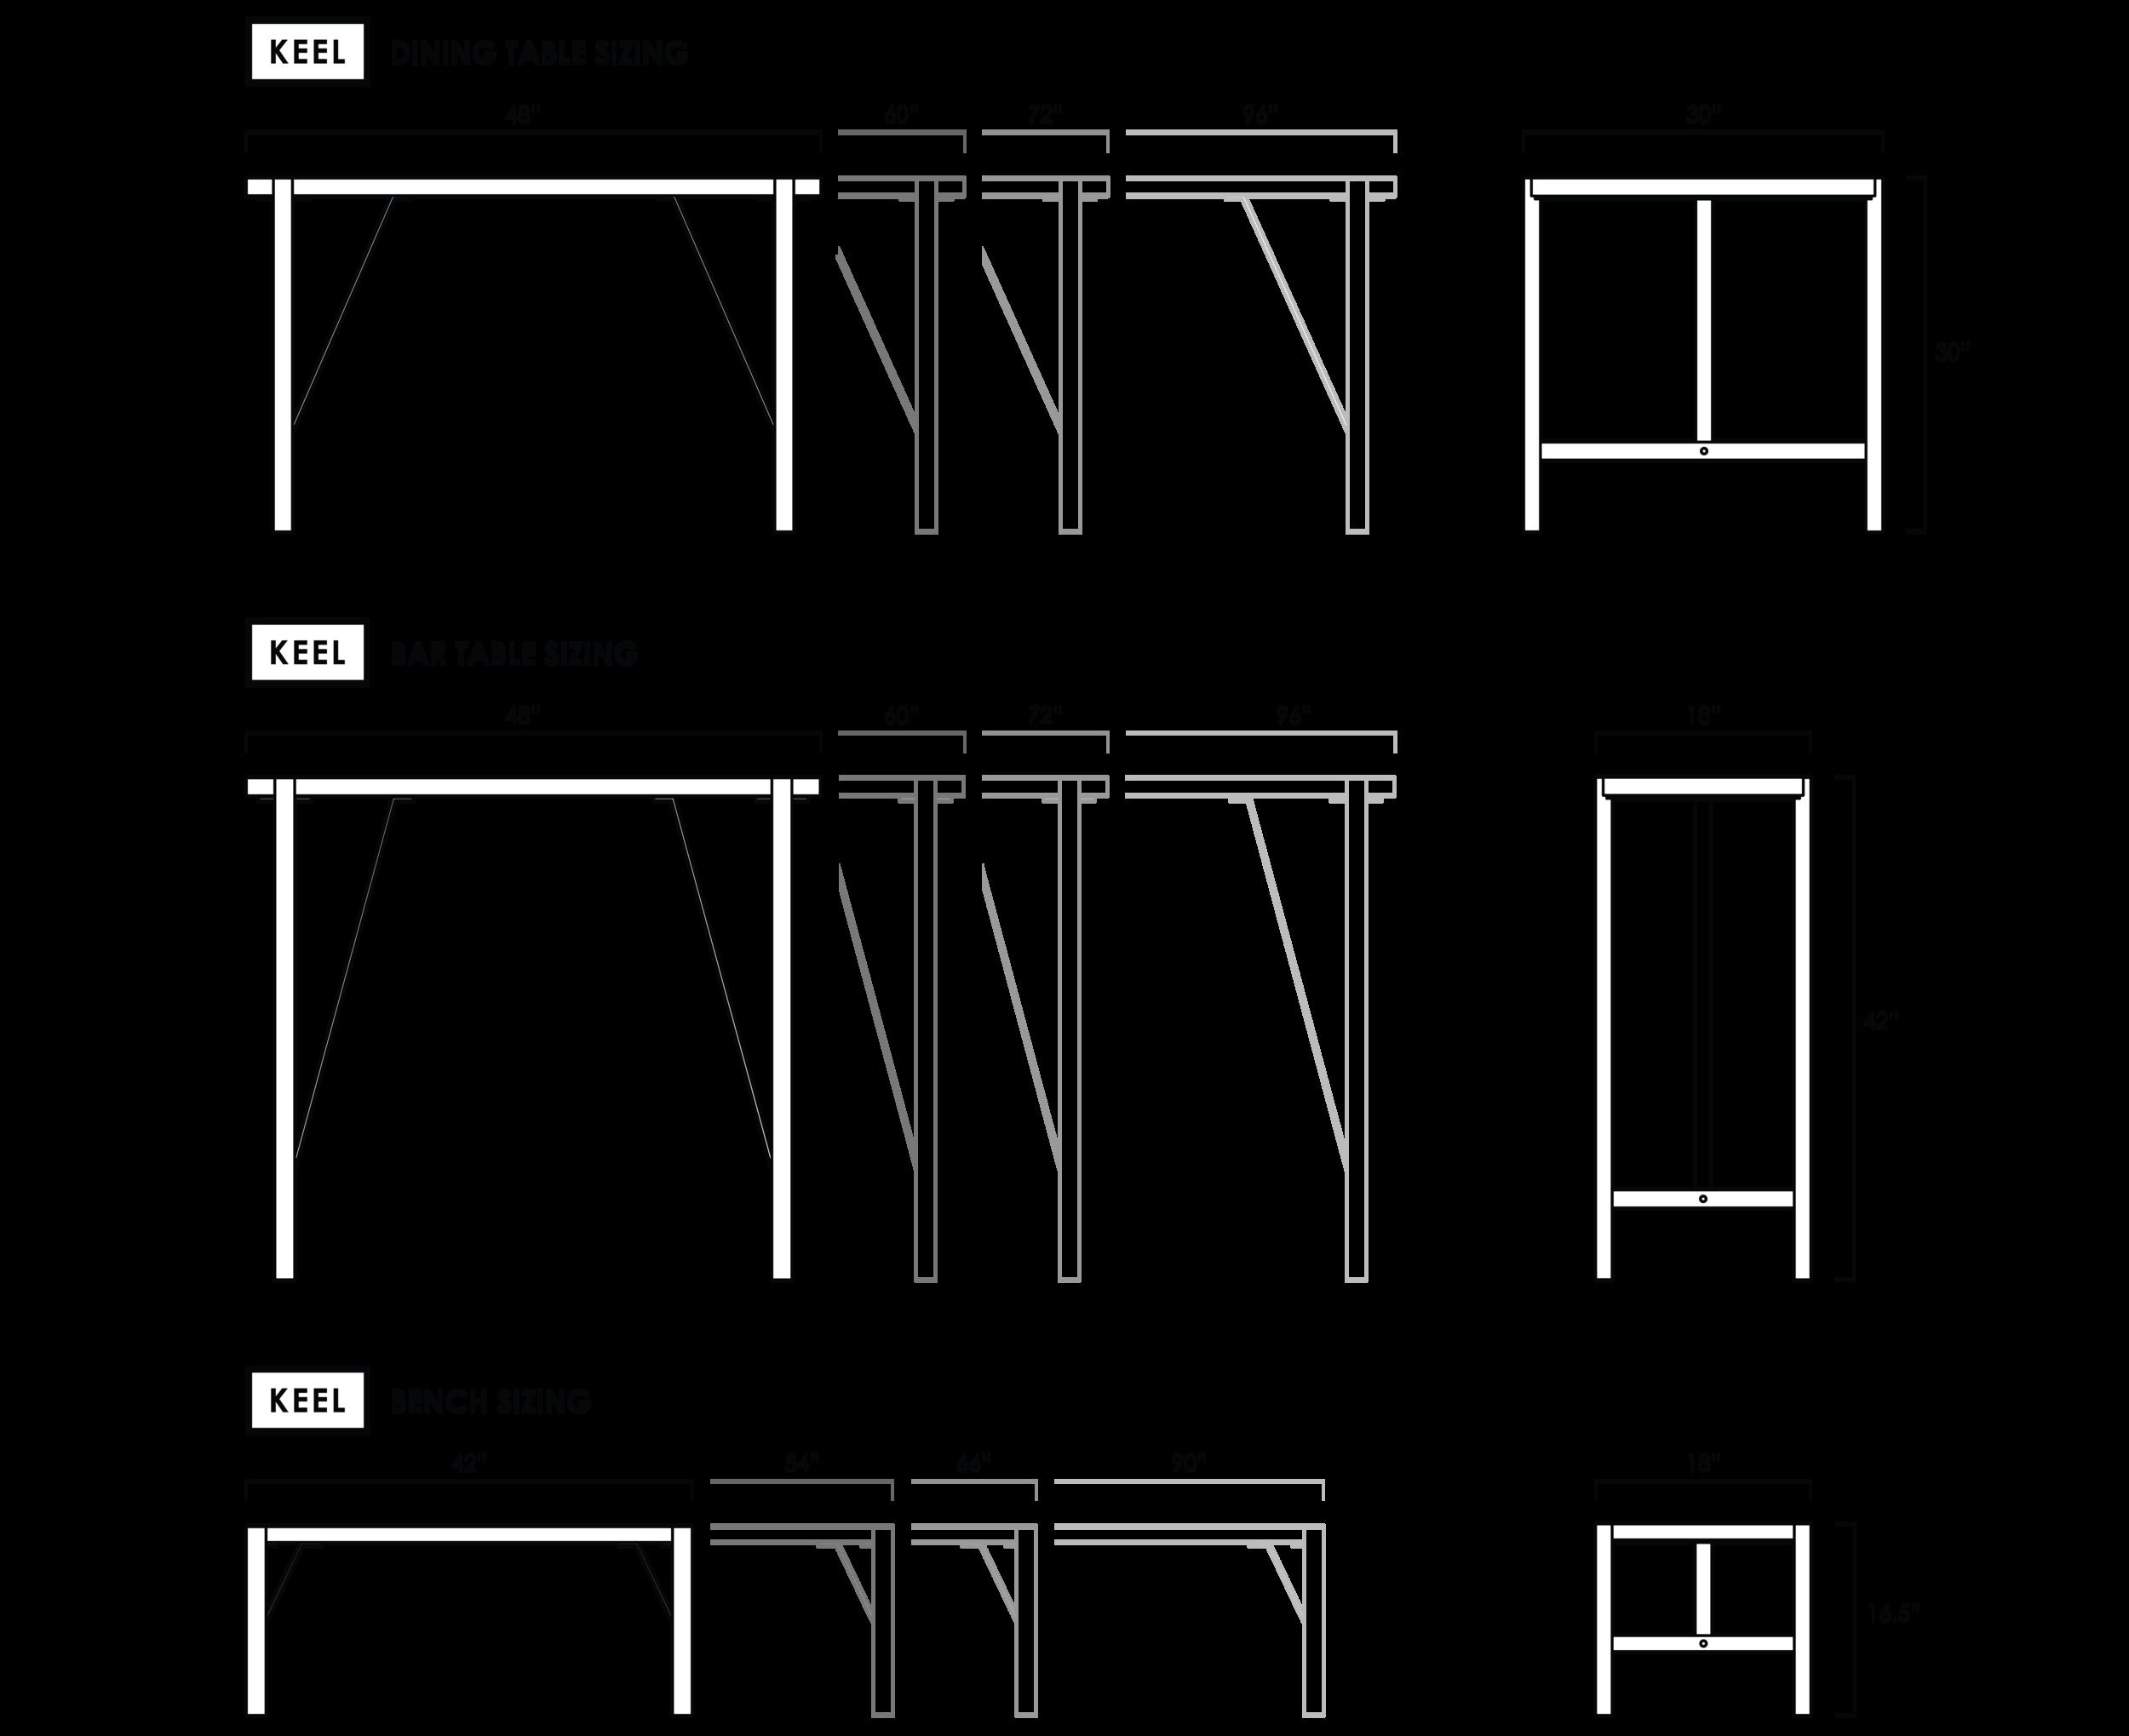 keel drawings-01.png